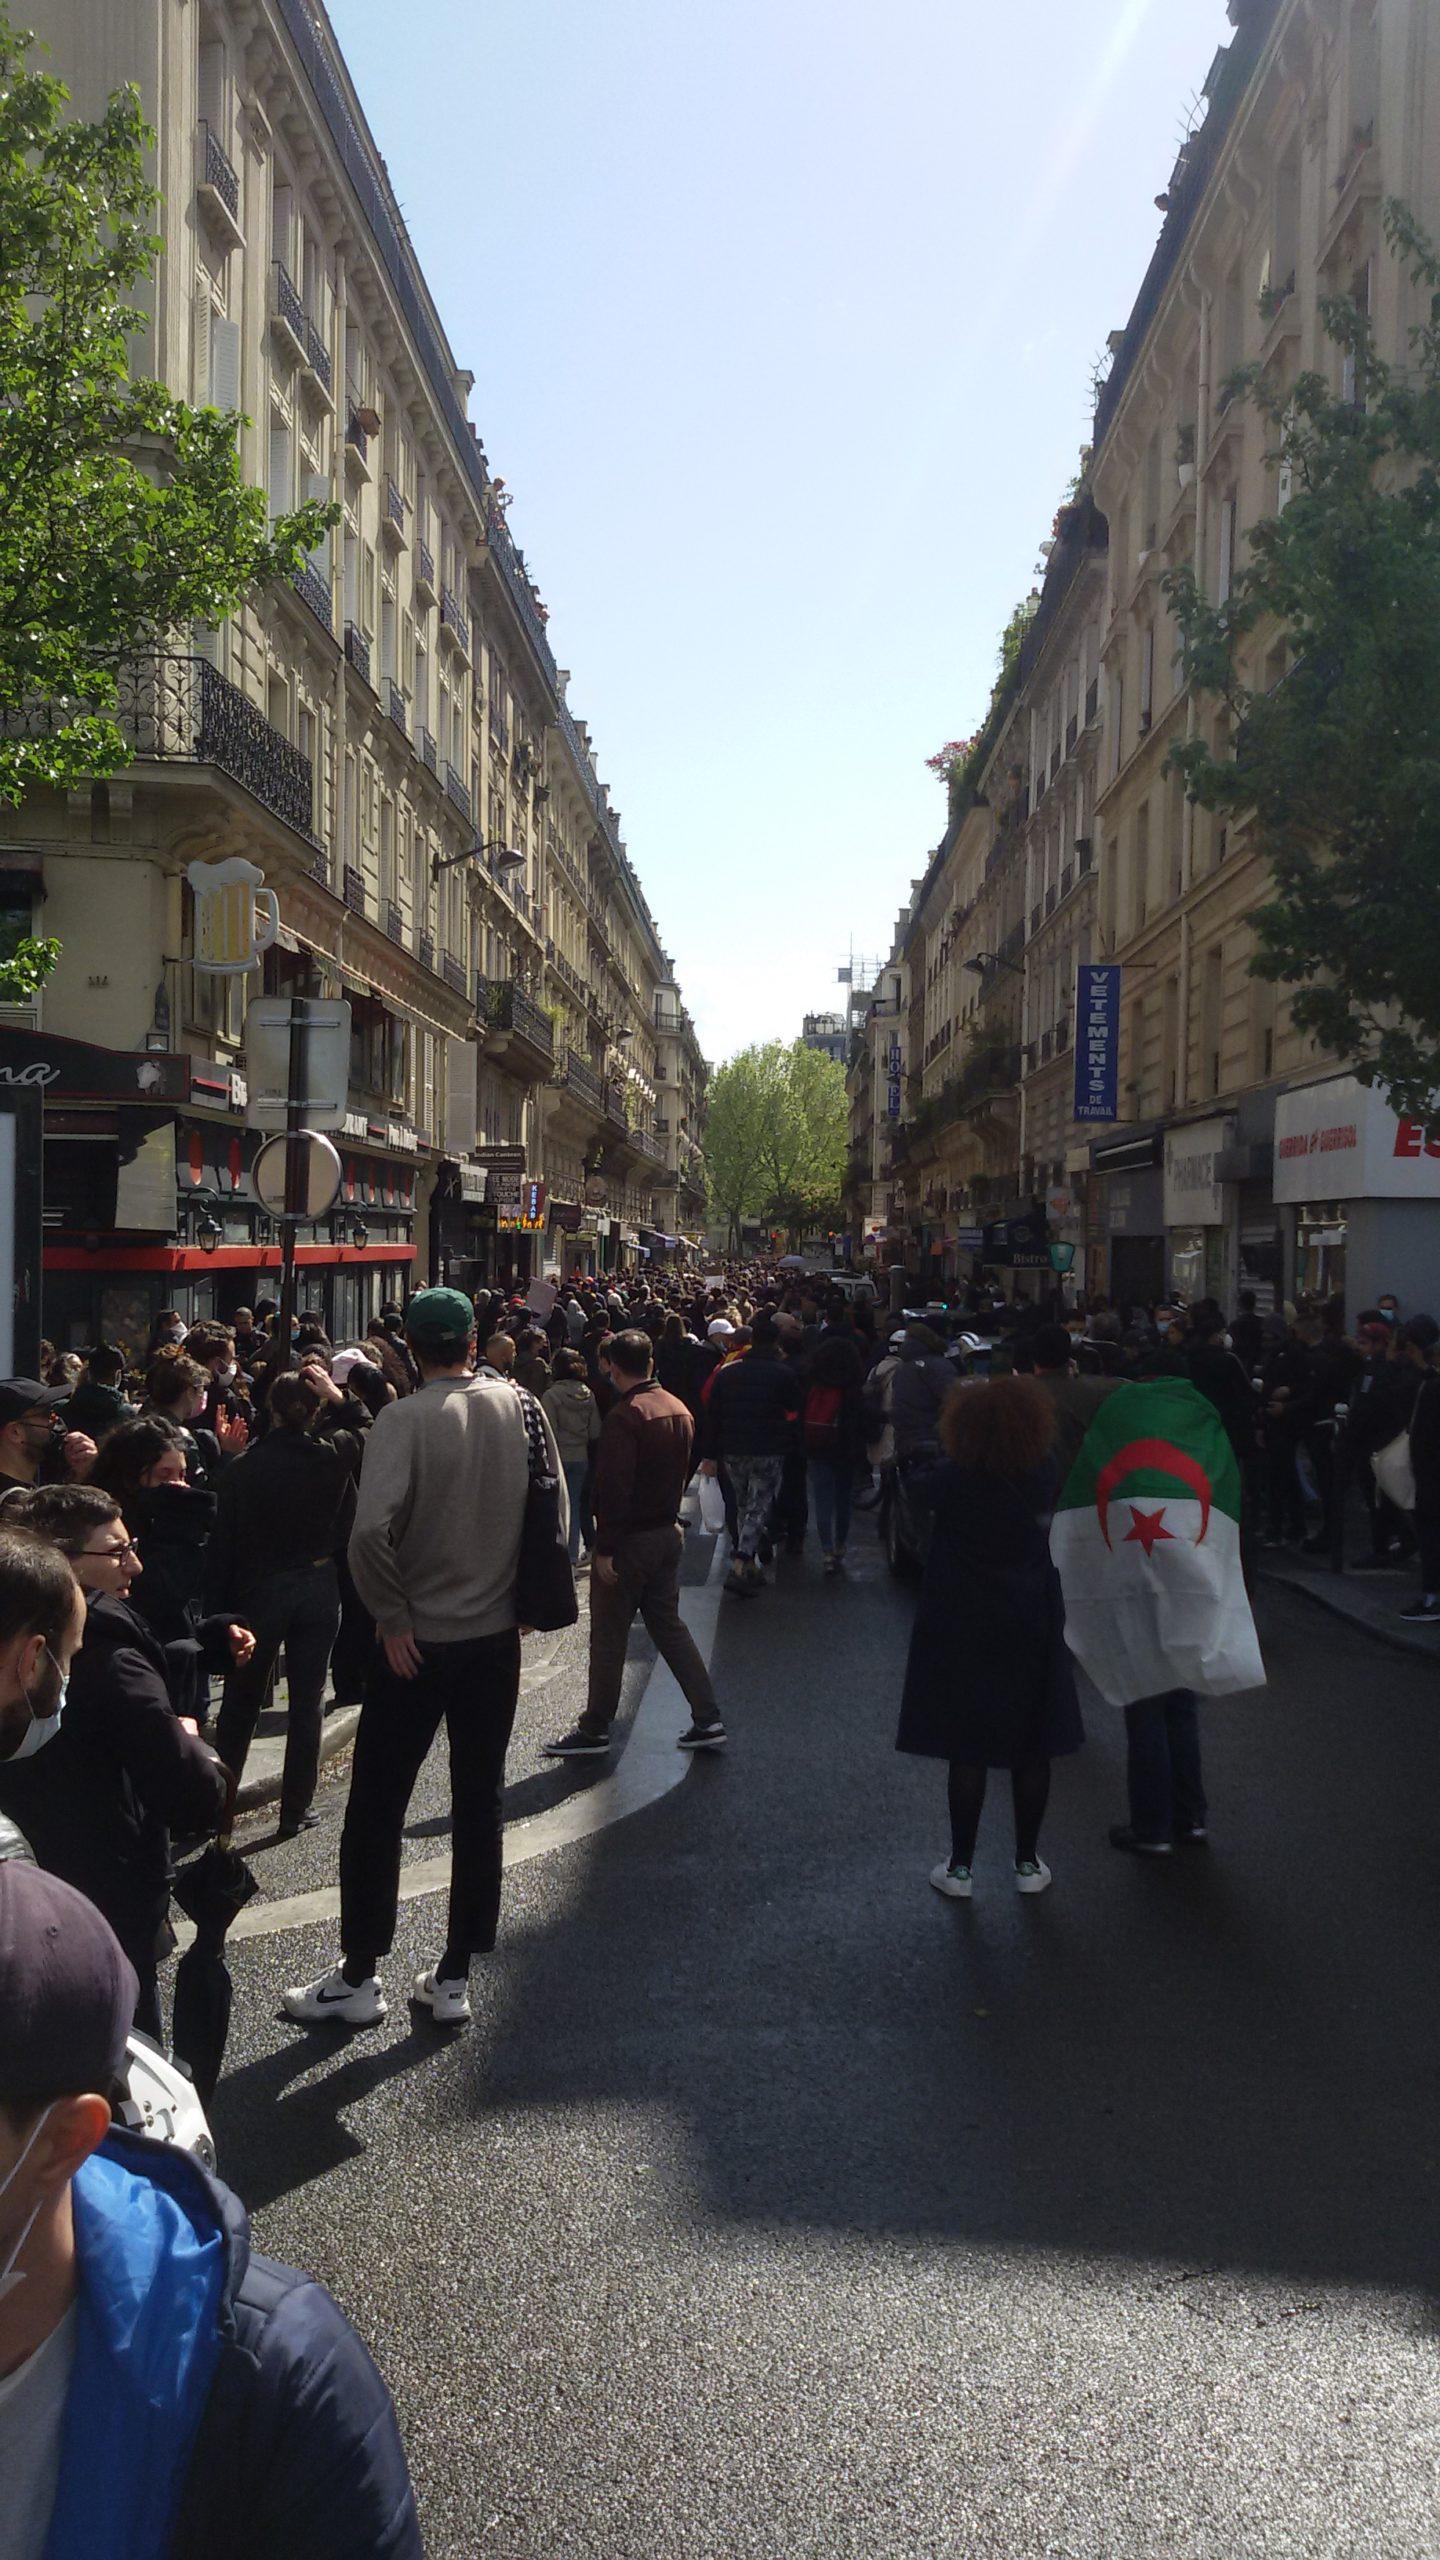 L'échec d'un préfet. Sur la manifestation interdite aujourd'hui à Paris.